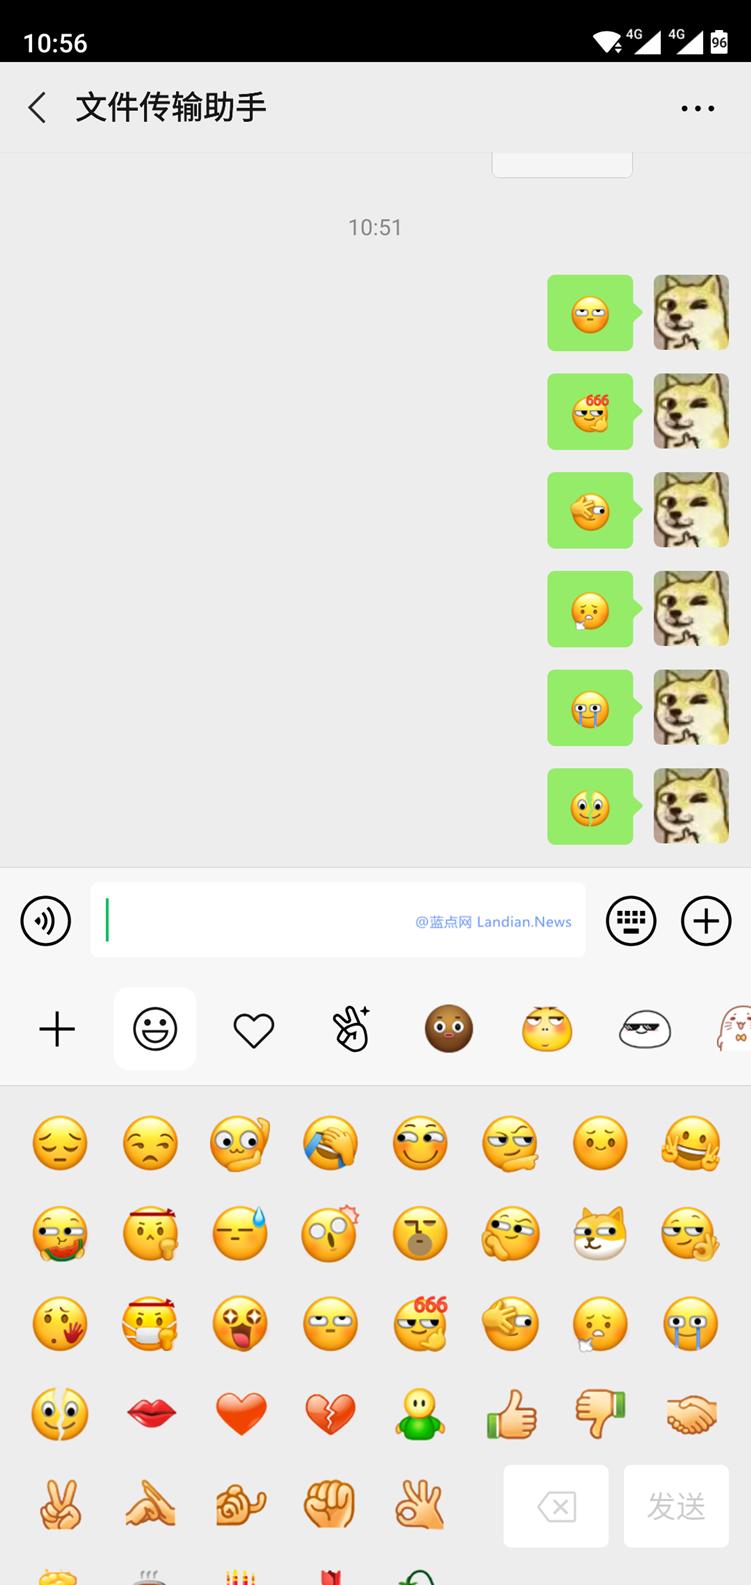 微信推出6个新表情 包括:翻白眼、666、让我看看、叹气、苦涩和裂开